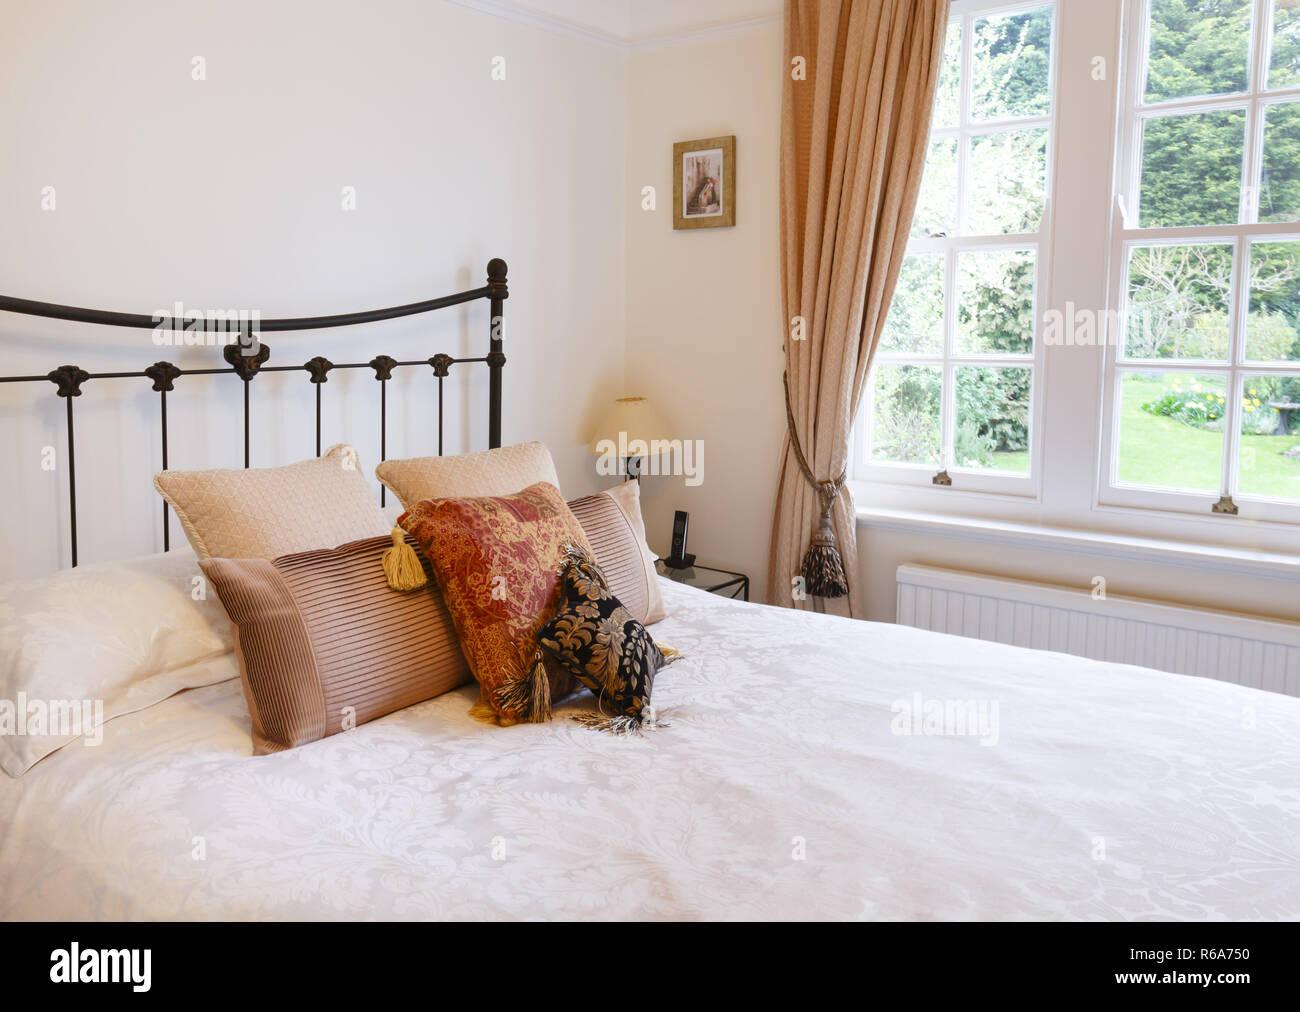 Interiore camera da letto in stile tradizionale casa inglese con ...